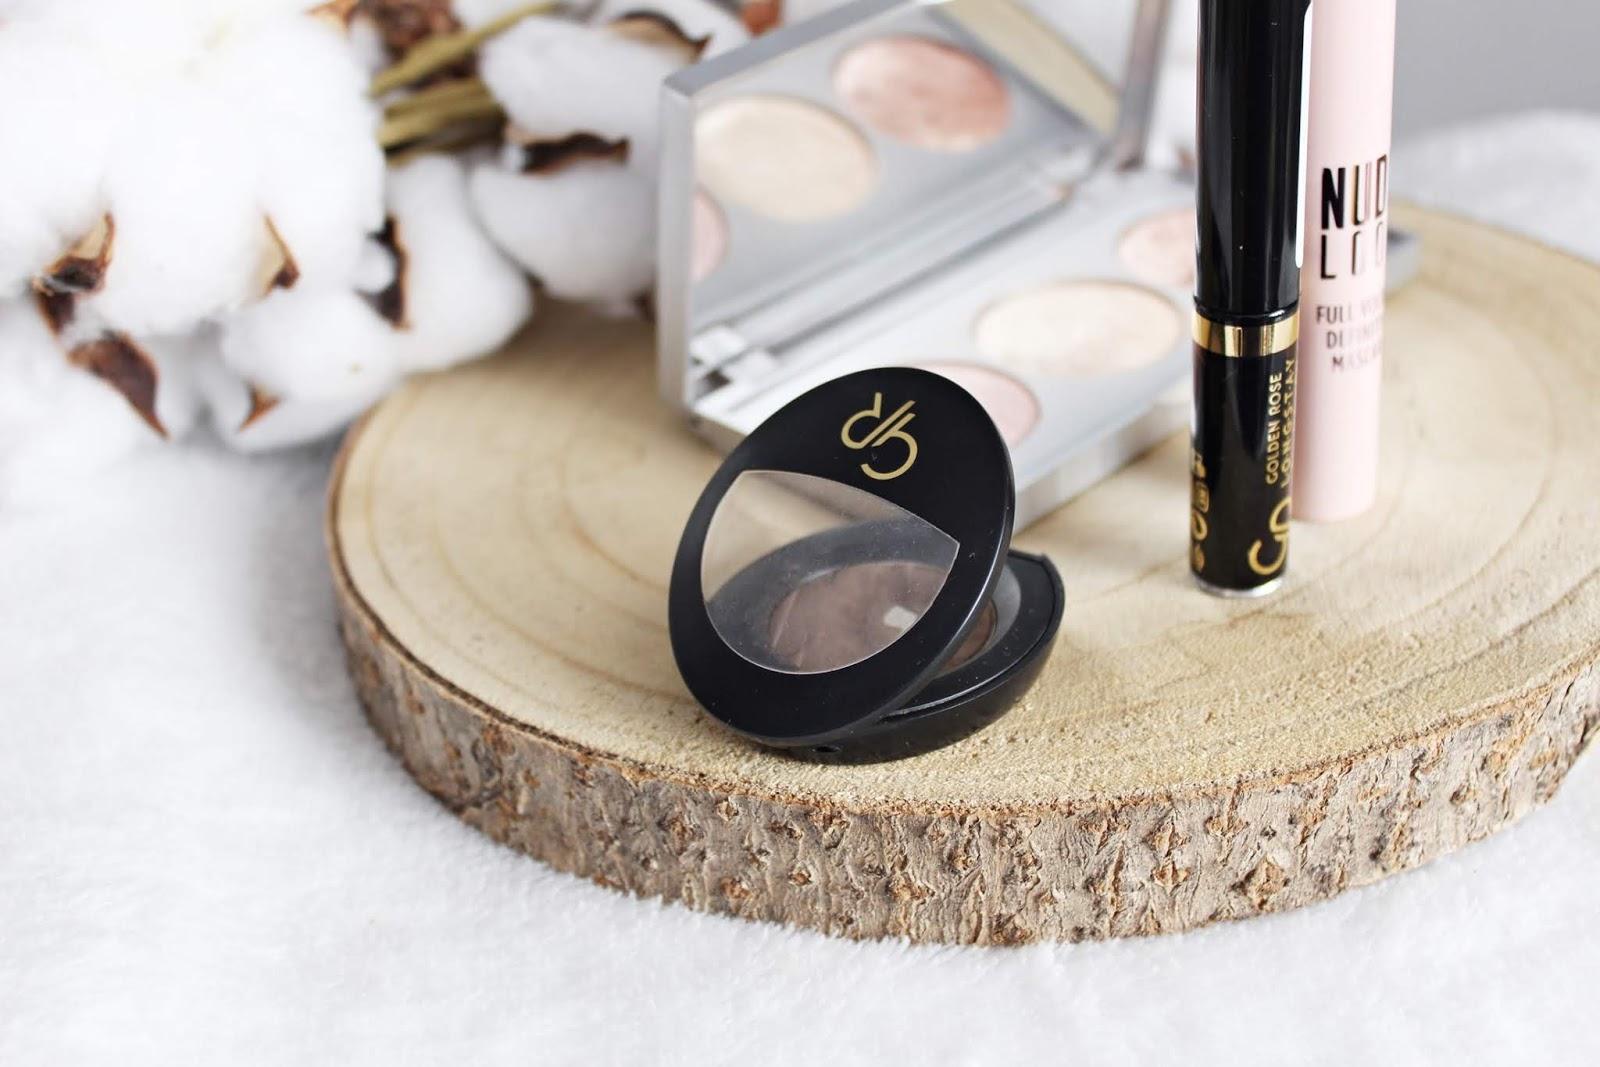 5 kosmetyków marki Golden Rose, które uwielbiam | TOP 5